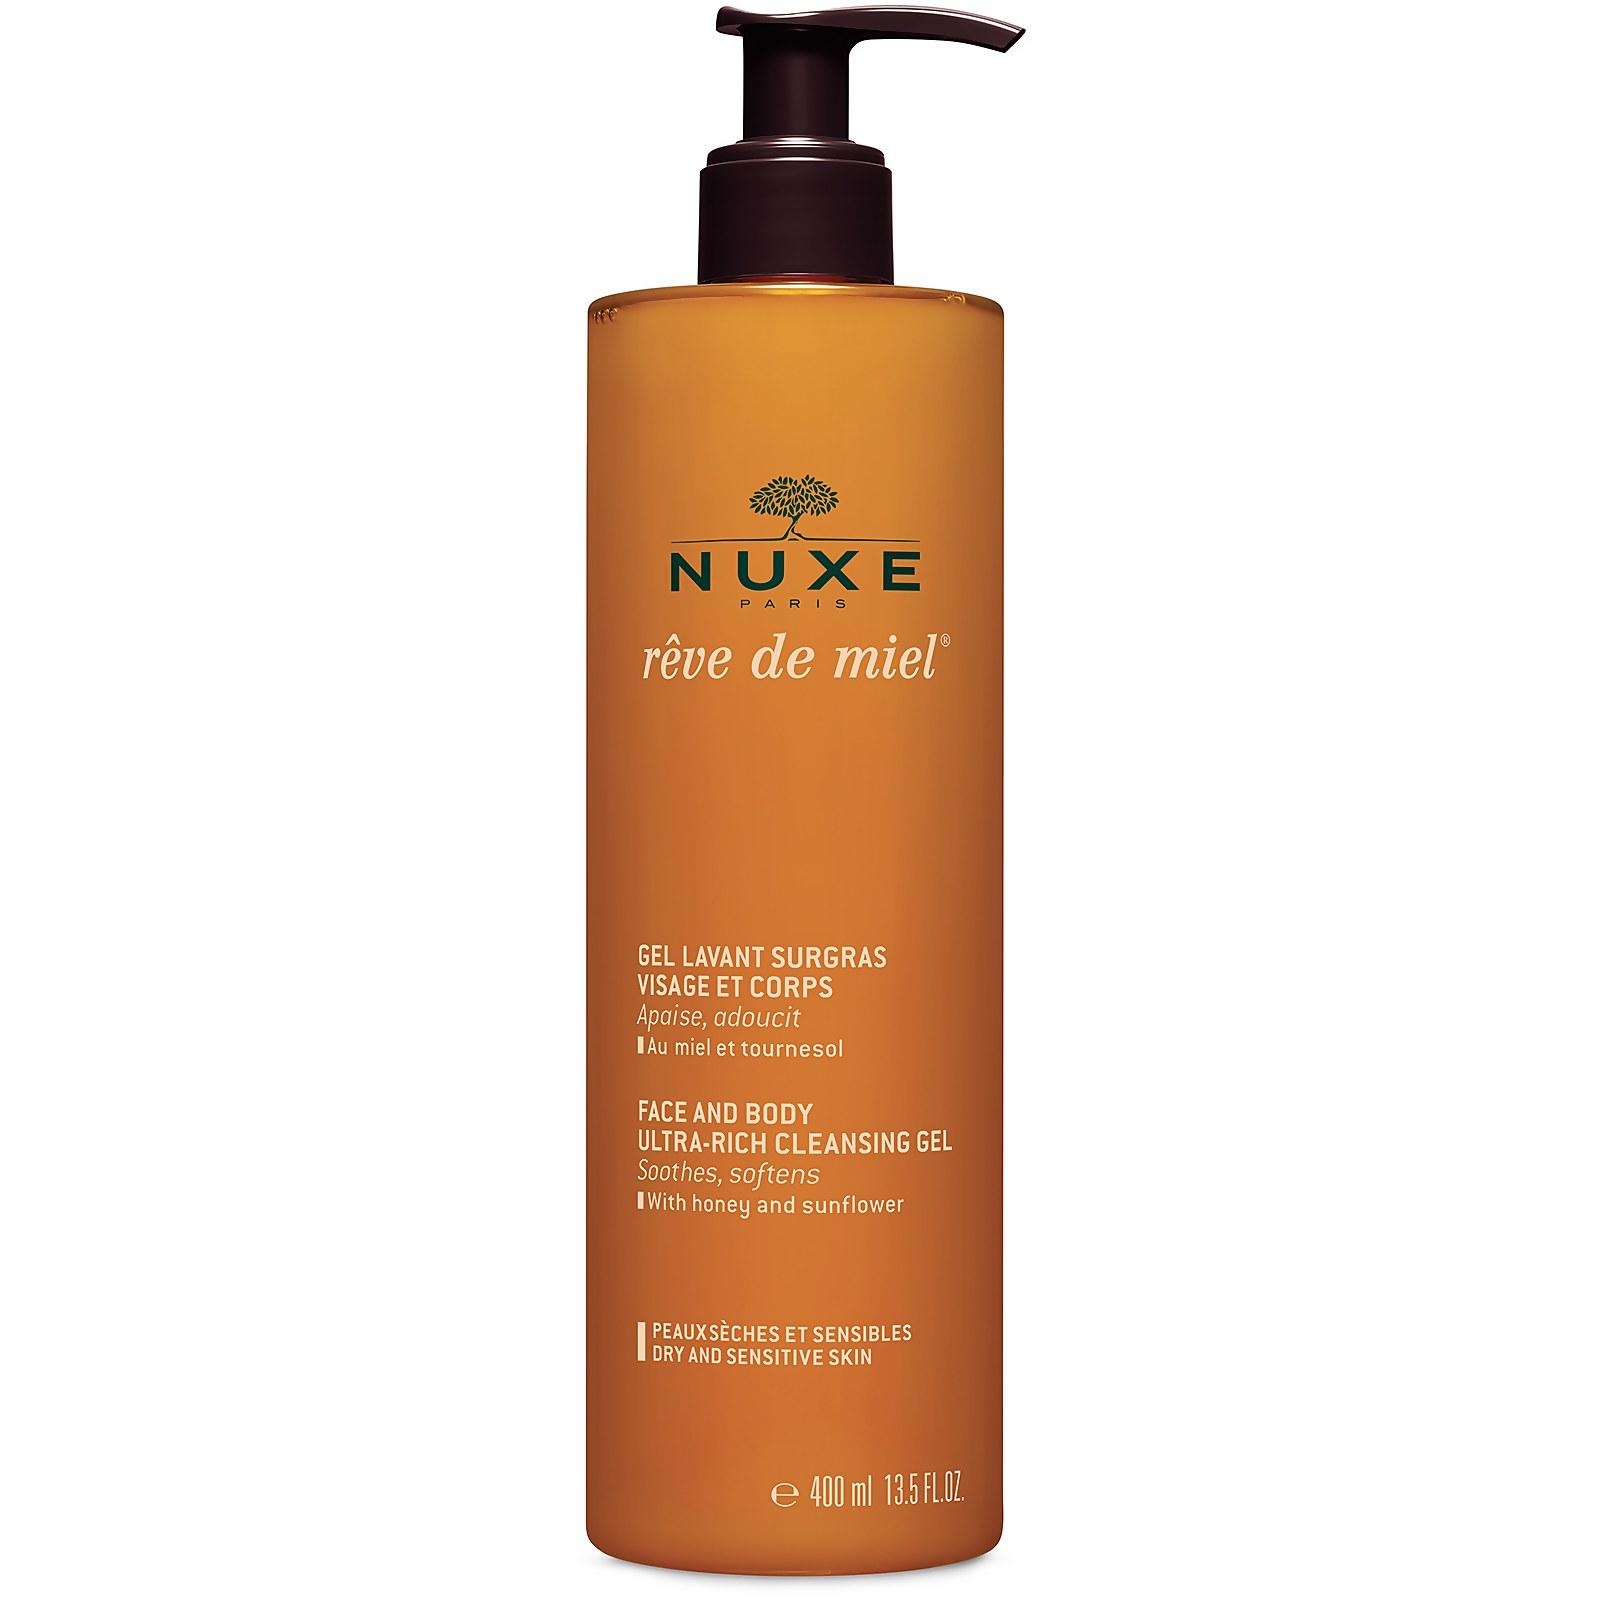 Купить Мягкий очищающий гель для лица и тела NUXE Rêve de Miel Face and Body Ultra-Rich Cleansing Gel (400 мл)